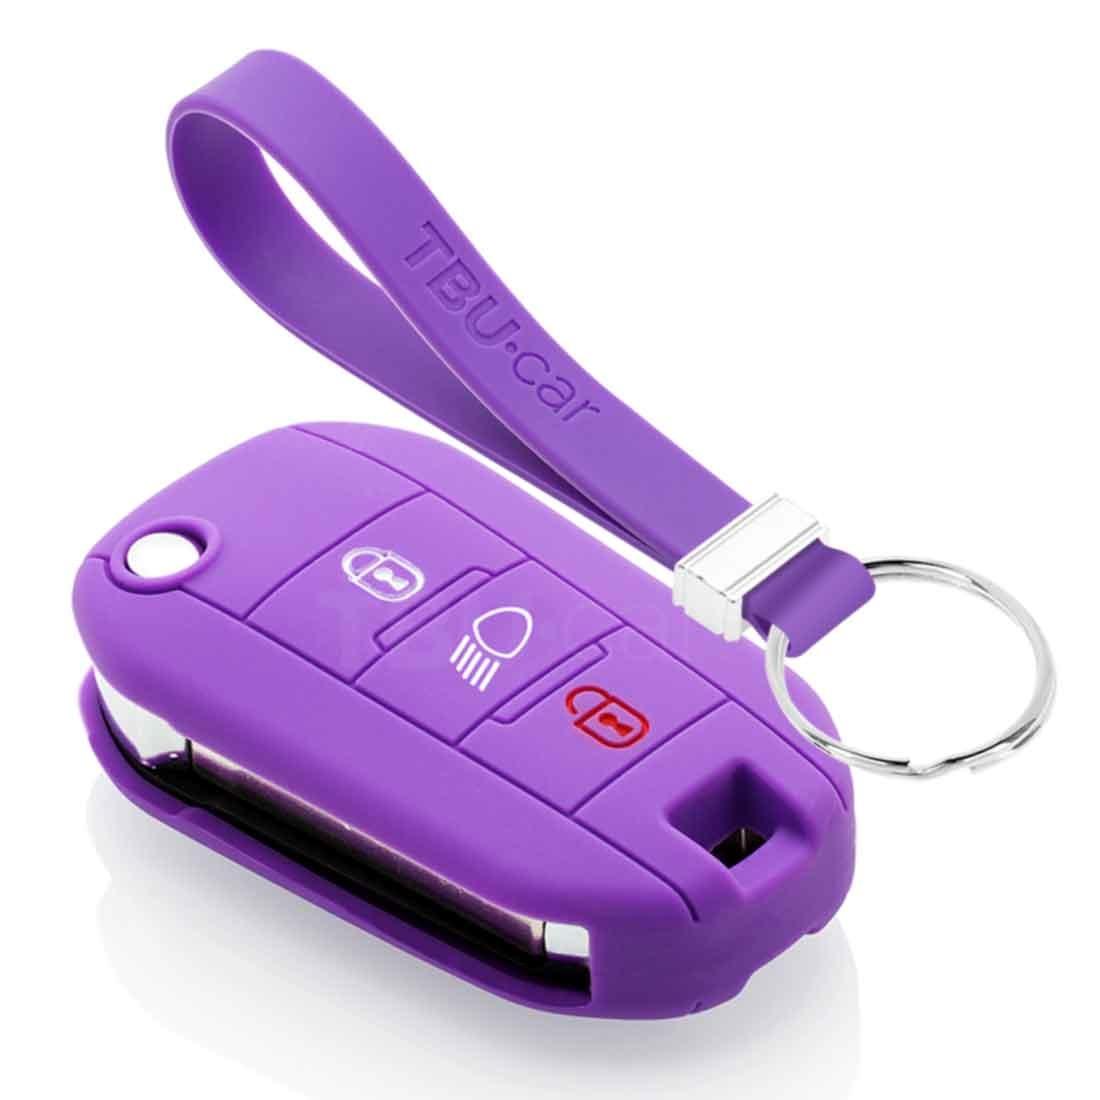 TBU car TBU car Funda Carcasa llave compatible con Citroën - Funda de Silicona - Cover de Llave Coche - Violeta